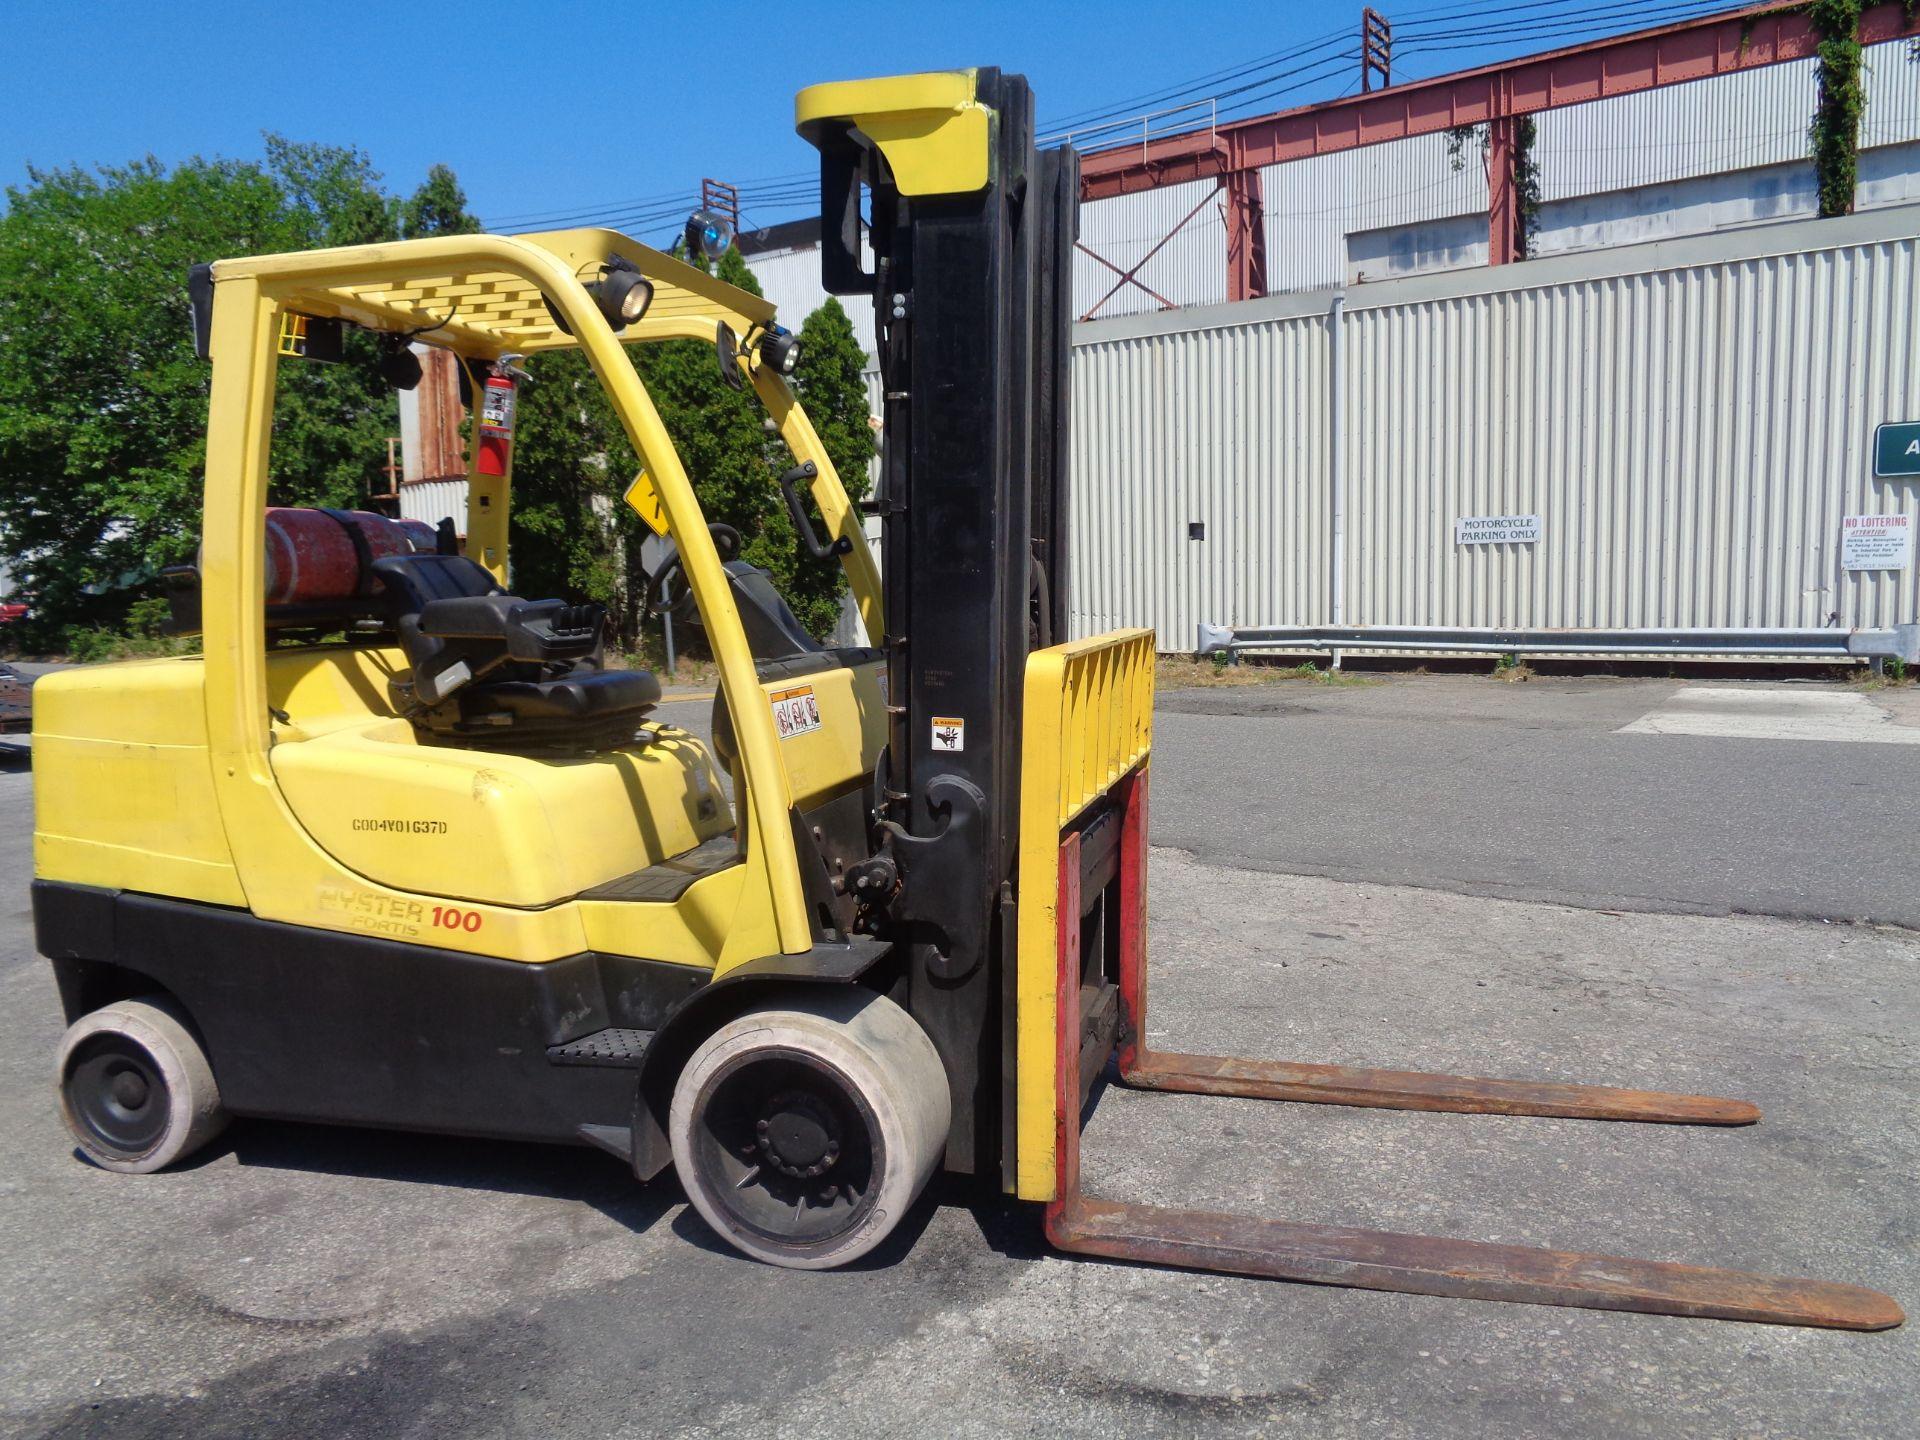 Hyster S100FT 10,000lb Forklift - Image 8 of 17